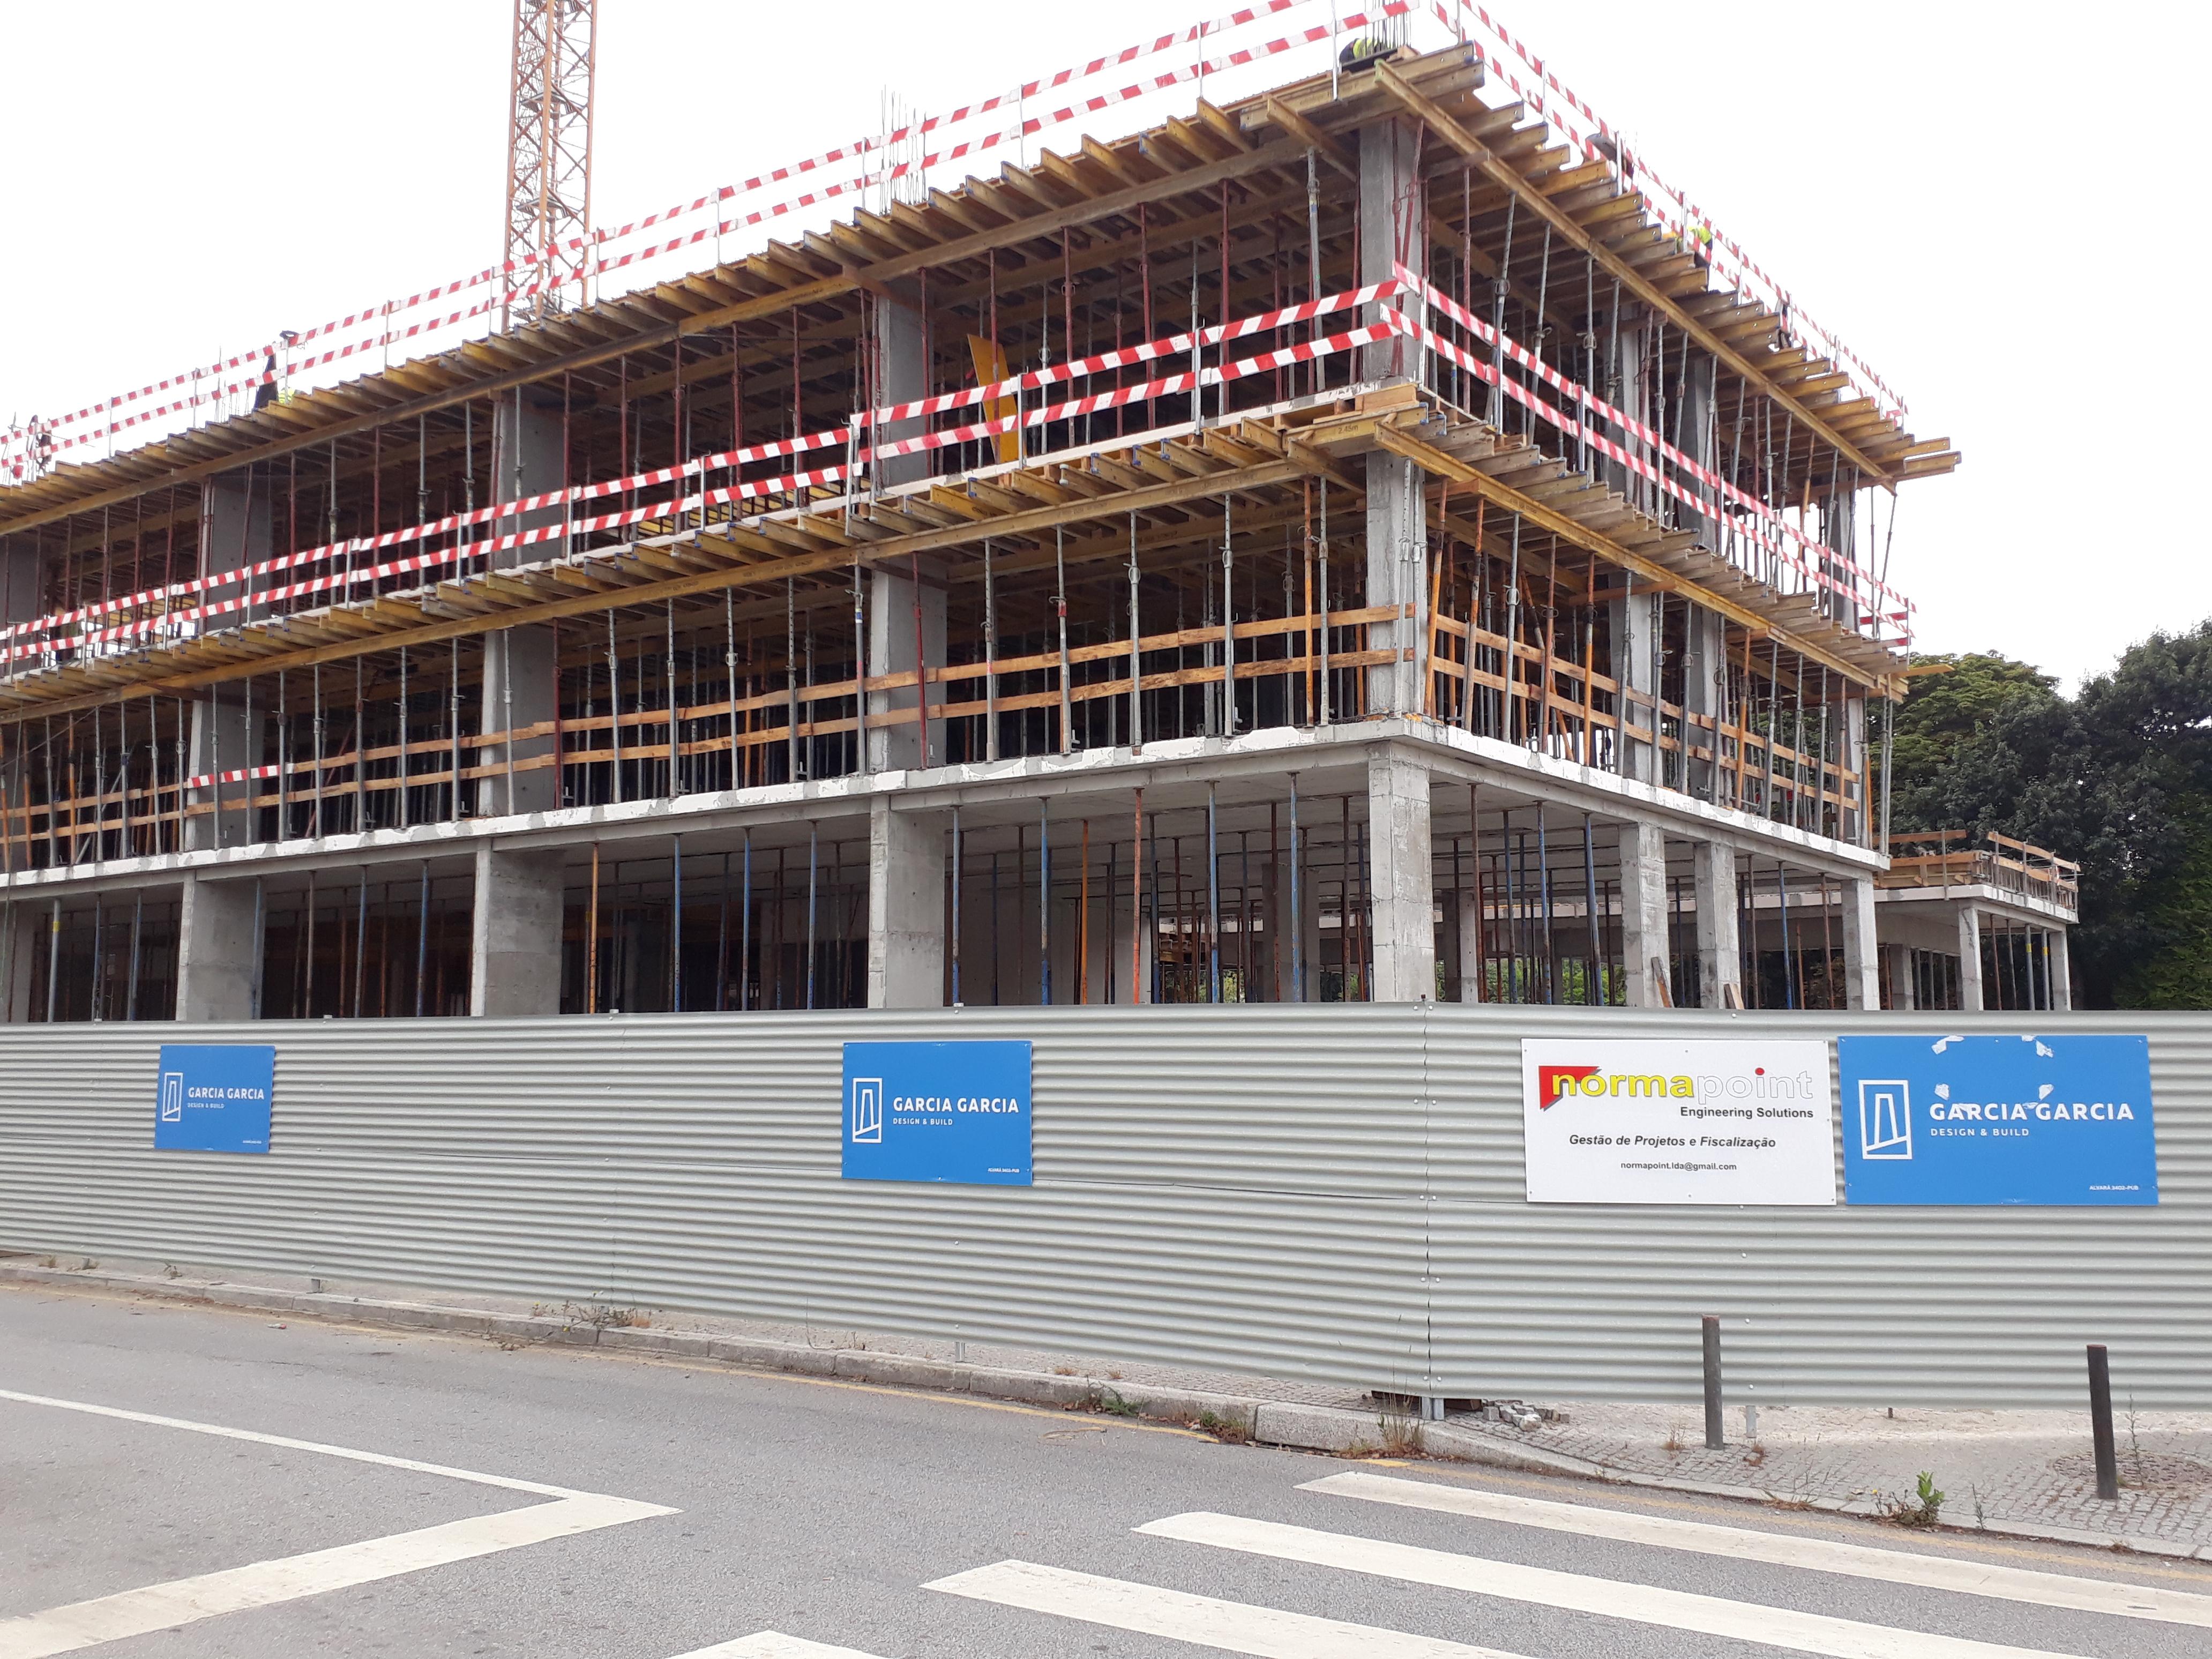 O edifício está em fase de construção avançada e deverá ter 220 quartos / Elisabete Soares